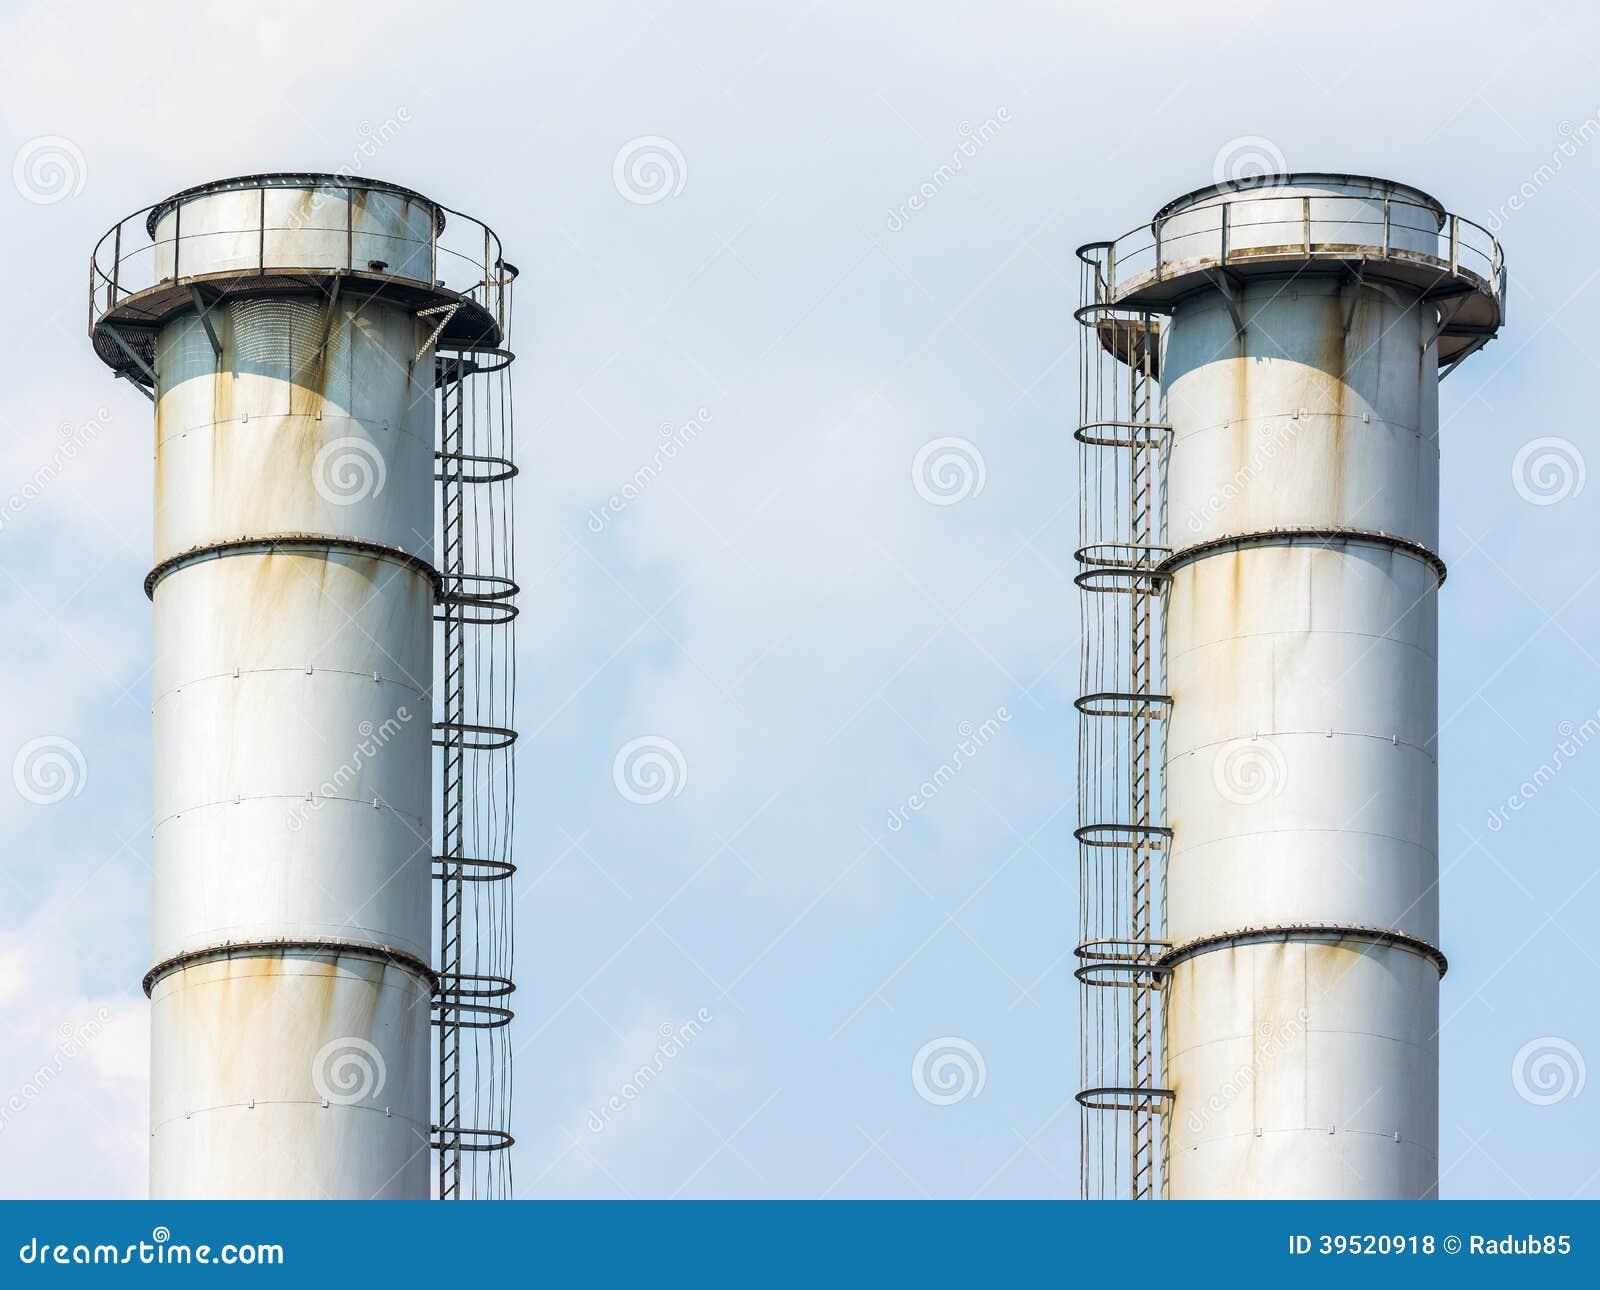 Chimeneas de la f brica de la central el ctrica de energ a - Fabricantes de chimeneas ...